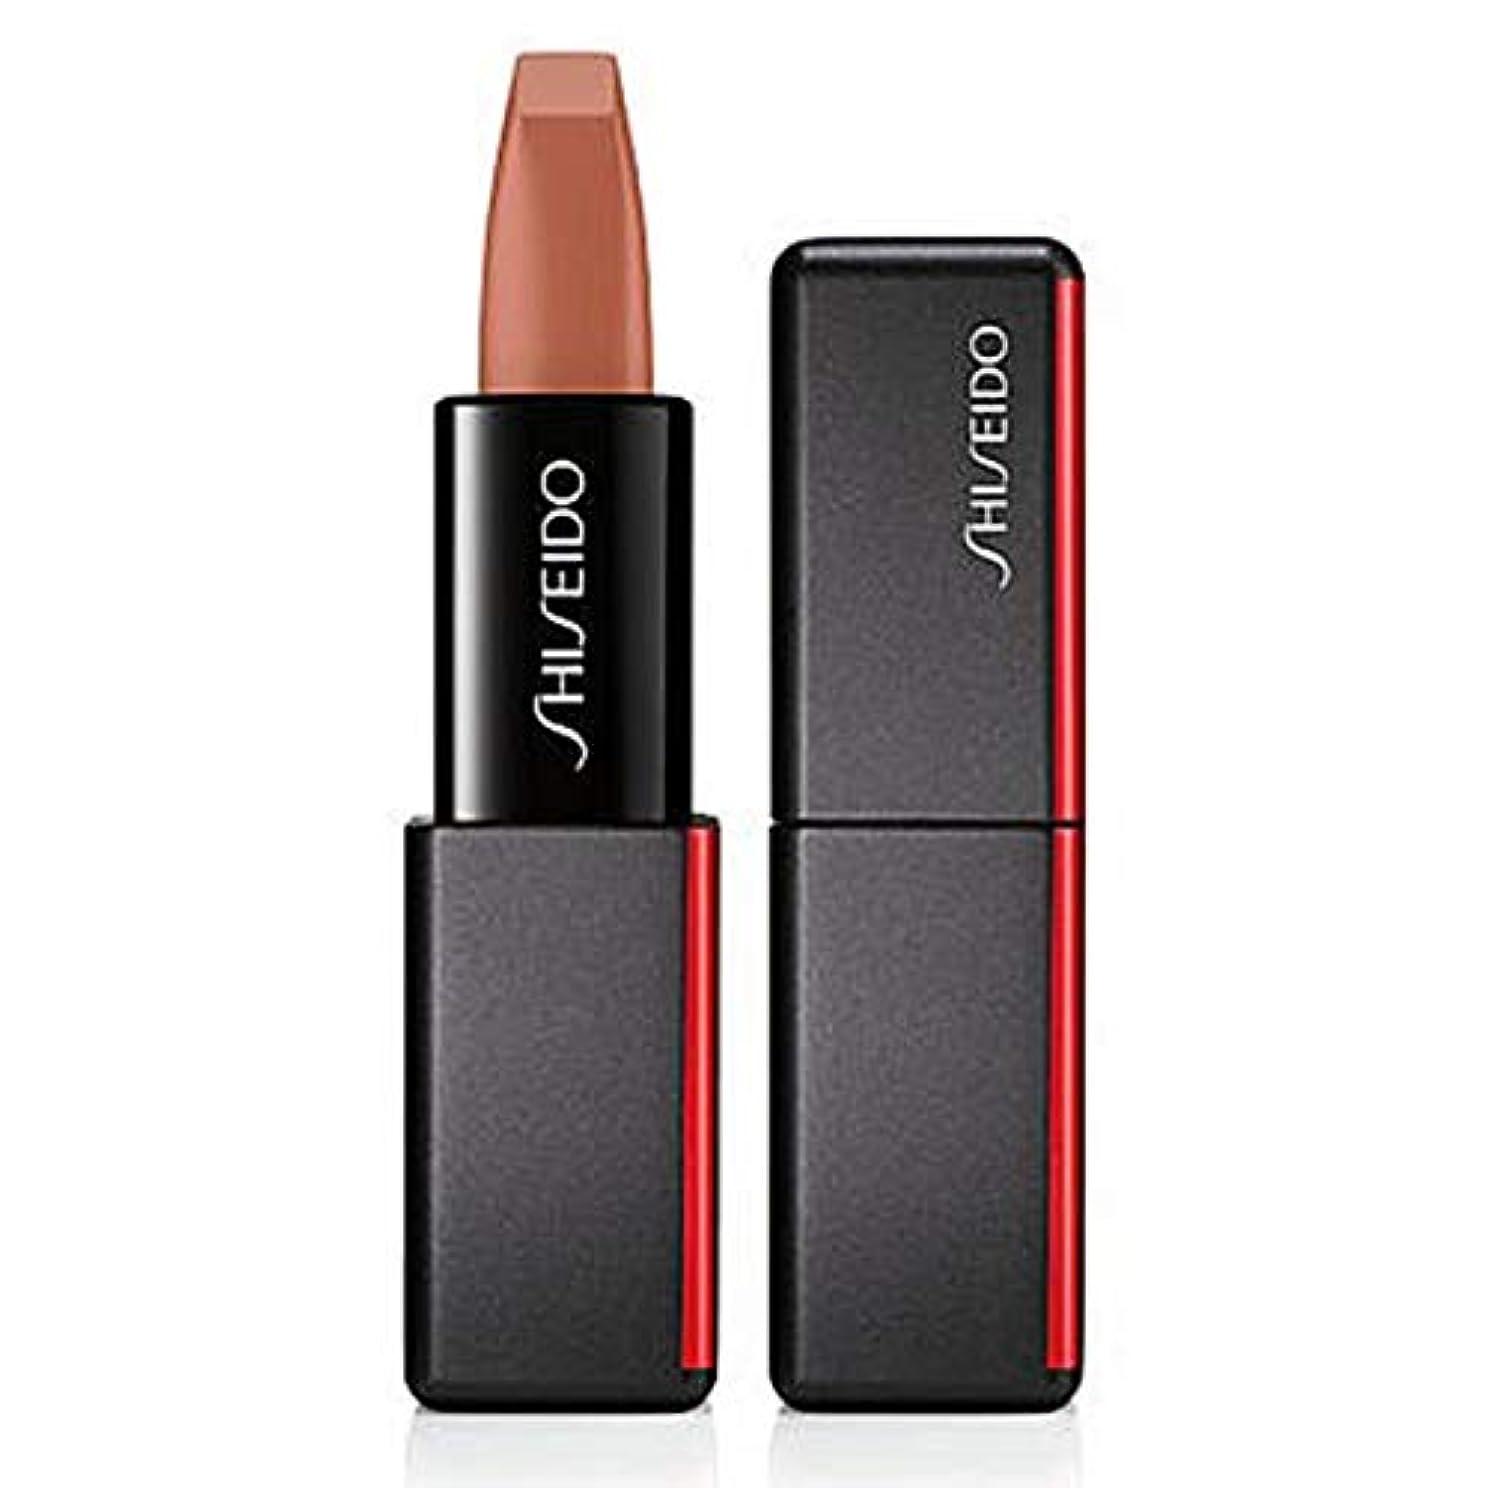 サーマル暴徒尊敬する資生堂 ModernMatte Powder Lipstick - # 504 Thigh High (Nude Beige) 4g/0.14oz並行輸入品